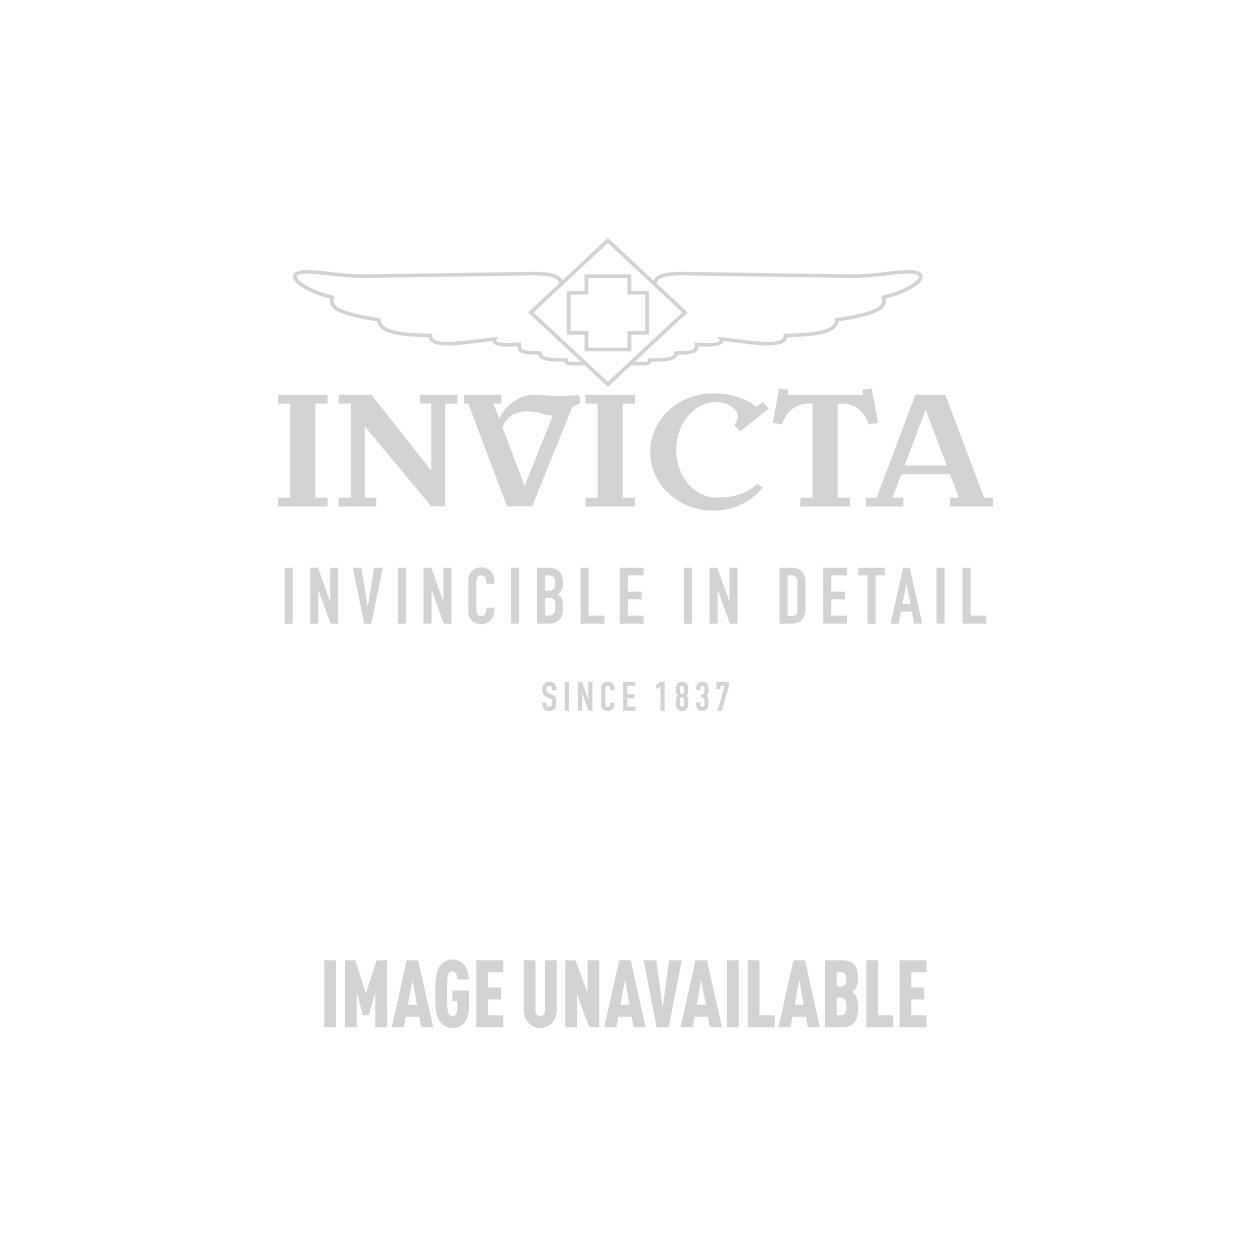 Invicta Pro Diver 21712